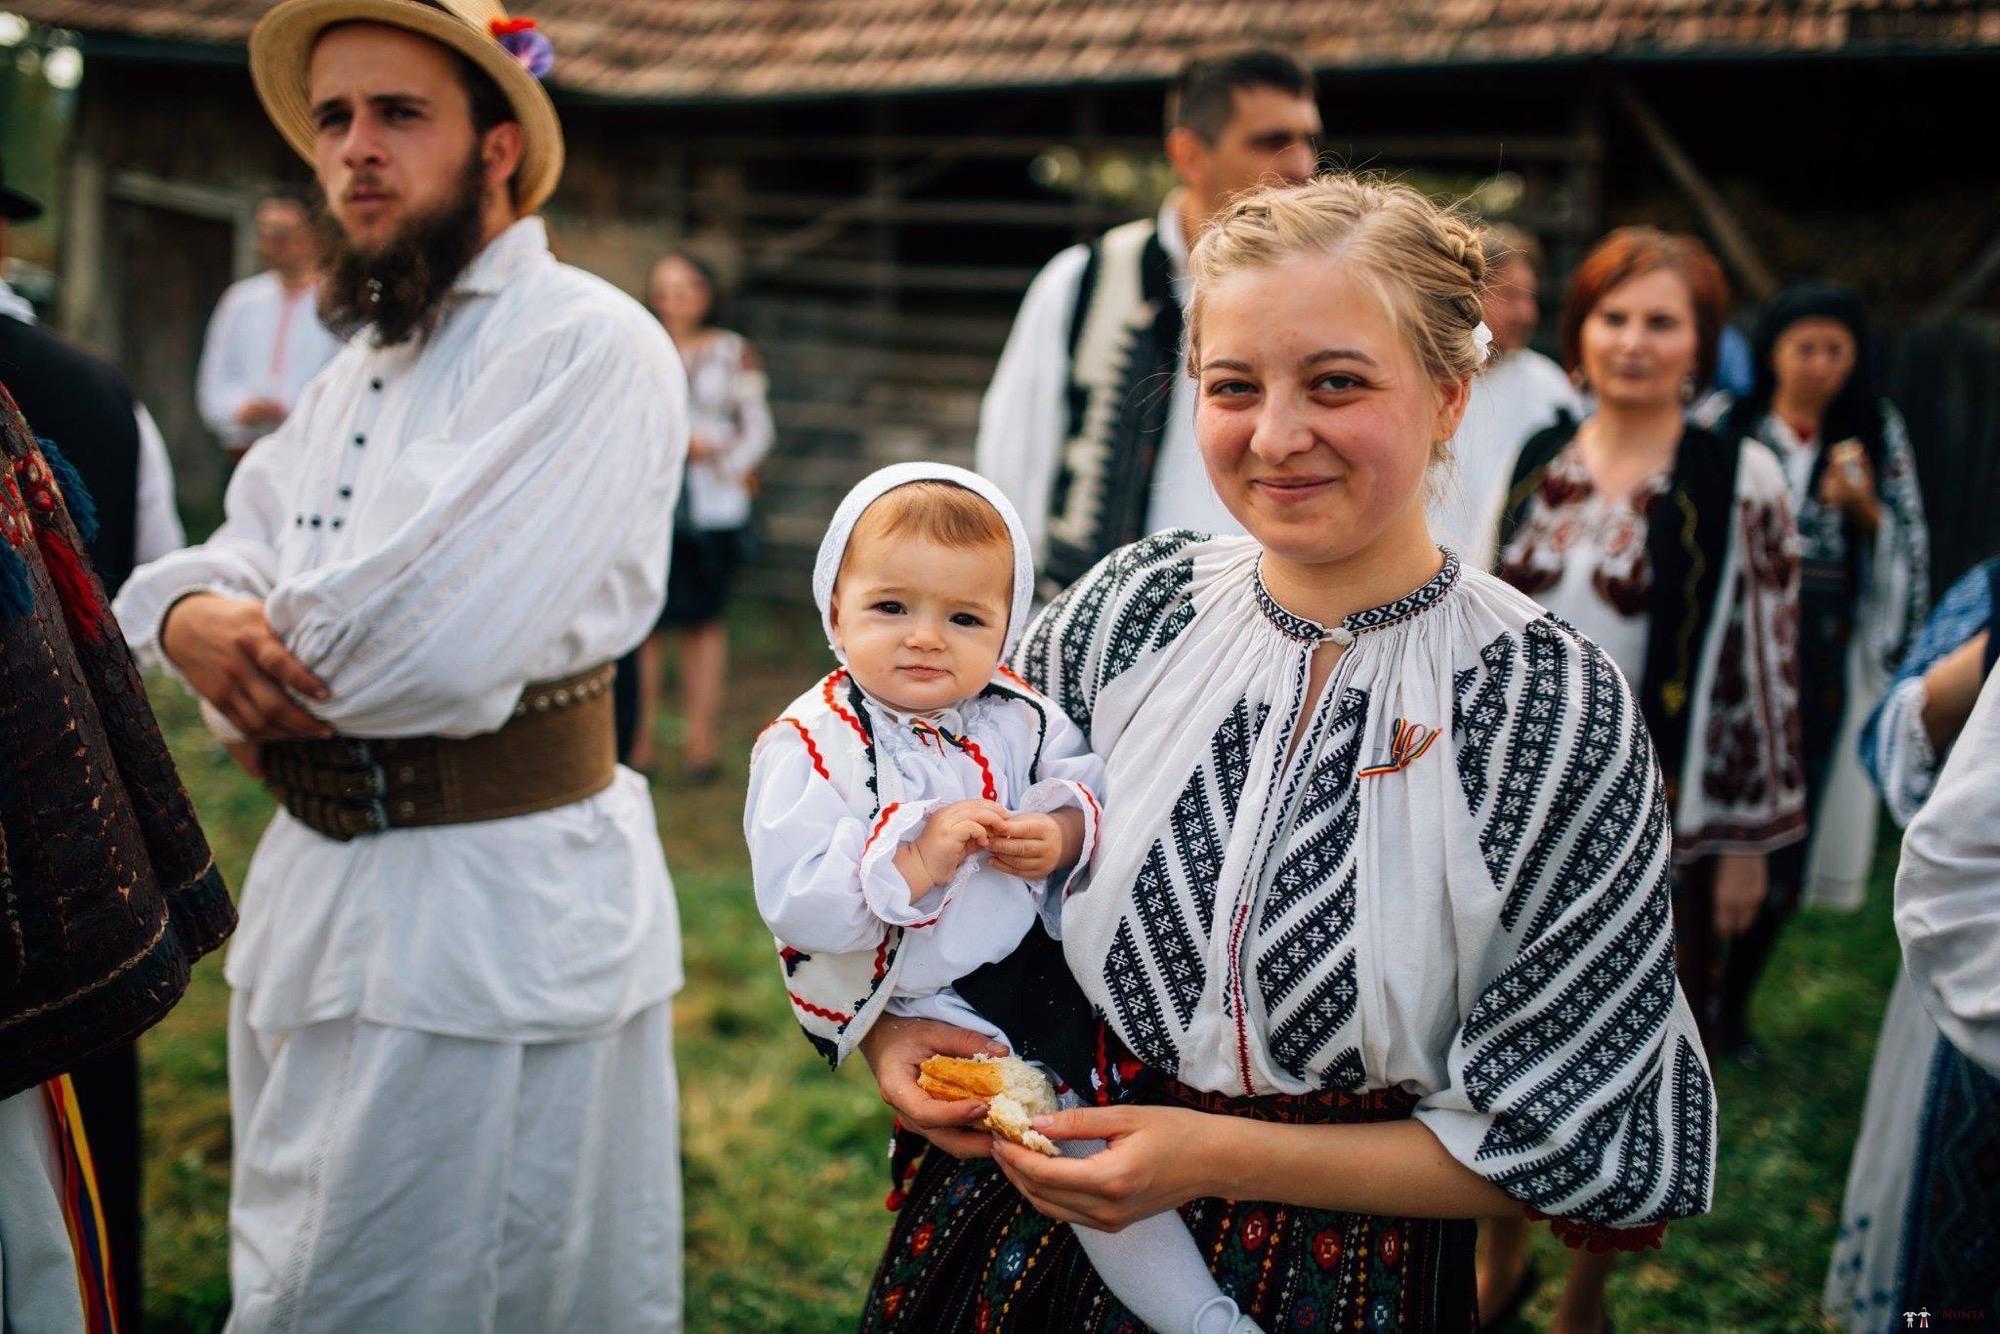 Povești Nunți Tradiționale - Andreea și Sergiu. Nuntă tradițională în Alba-Iulia 11